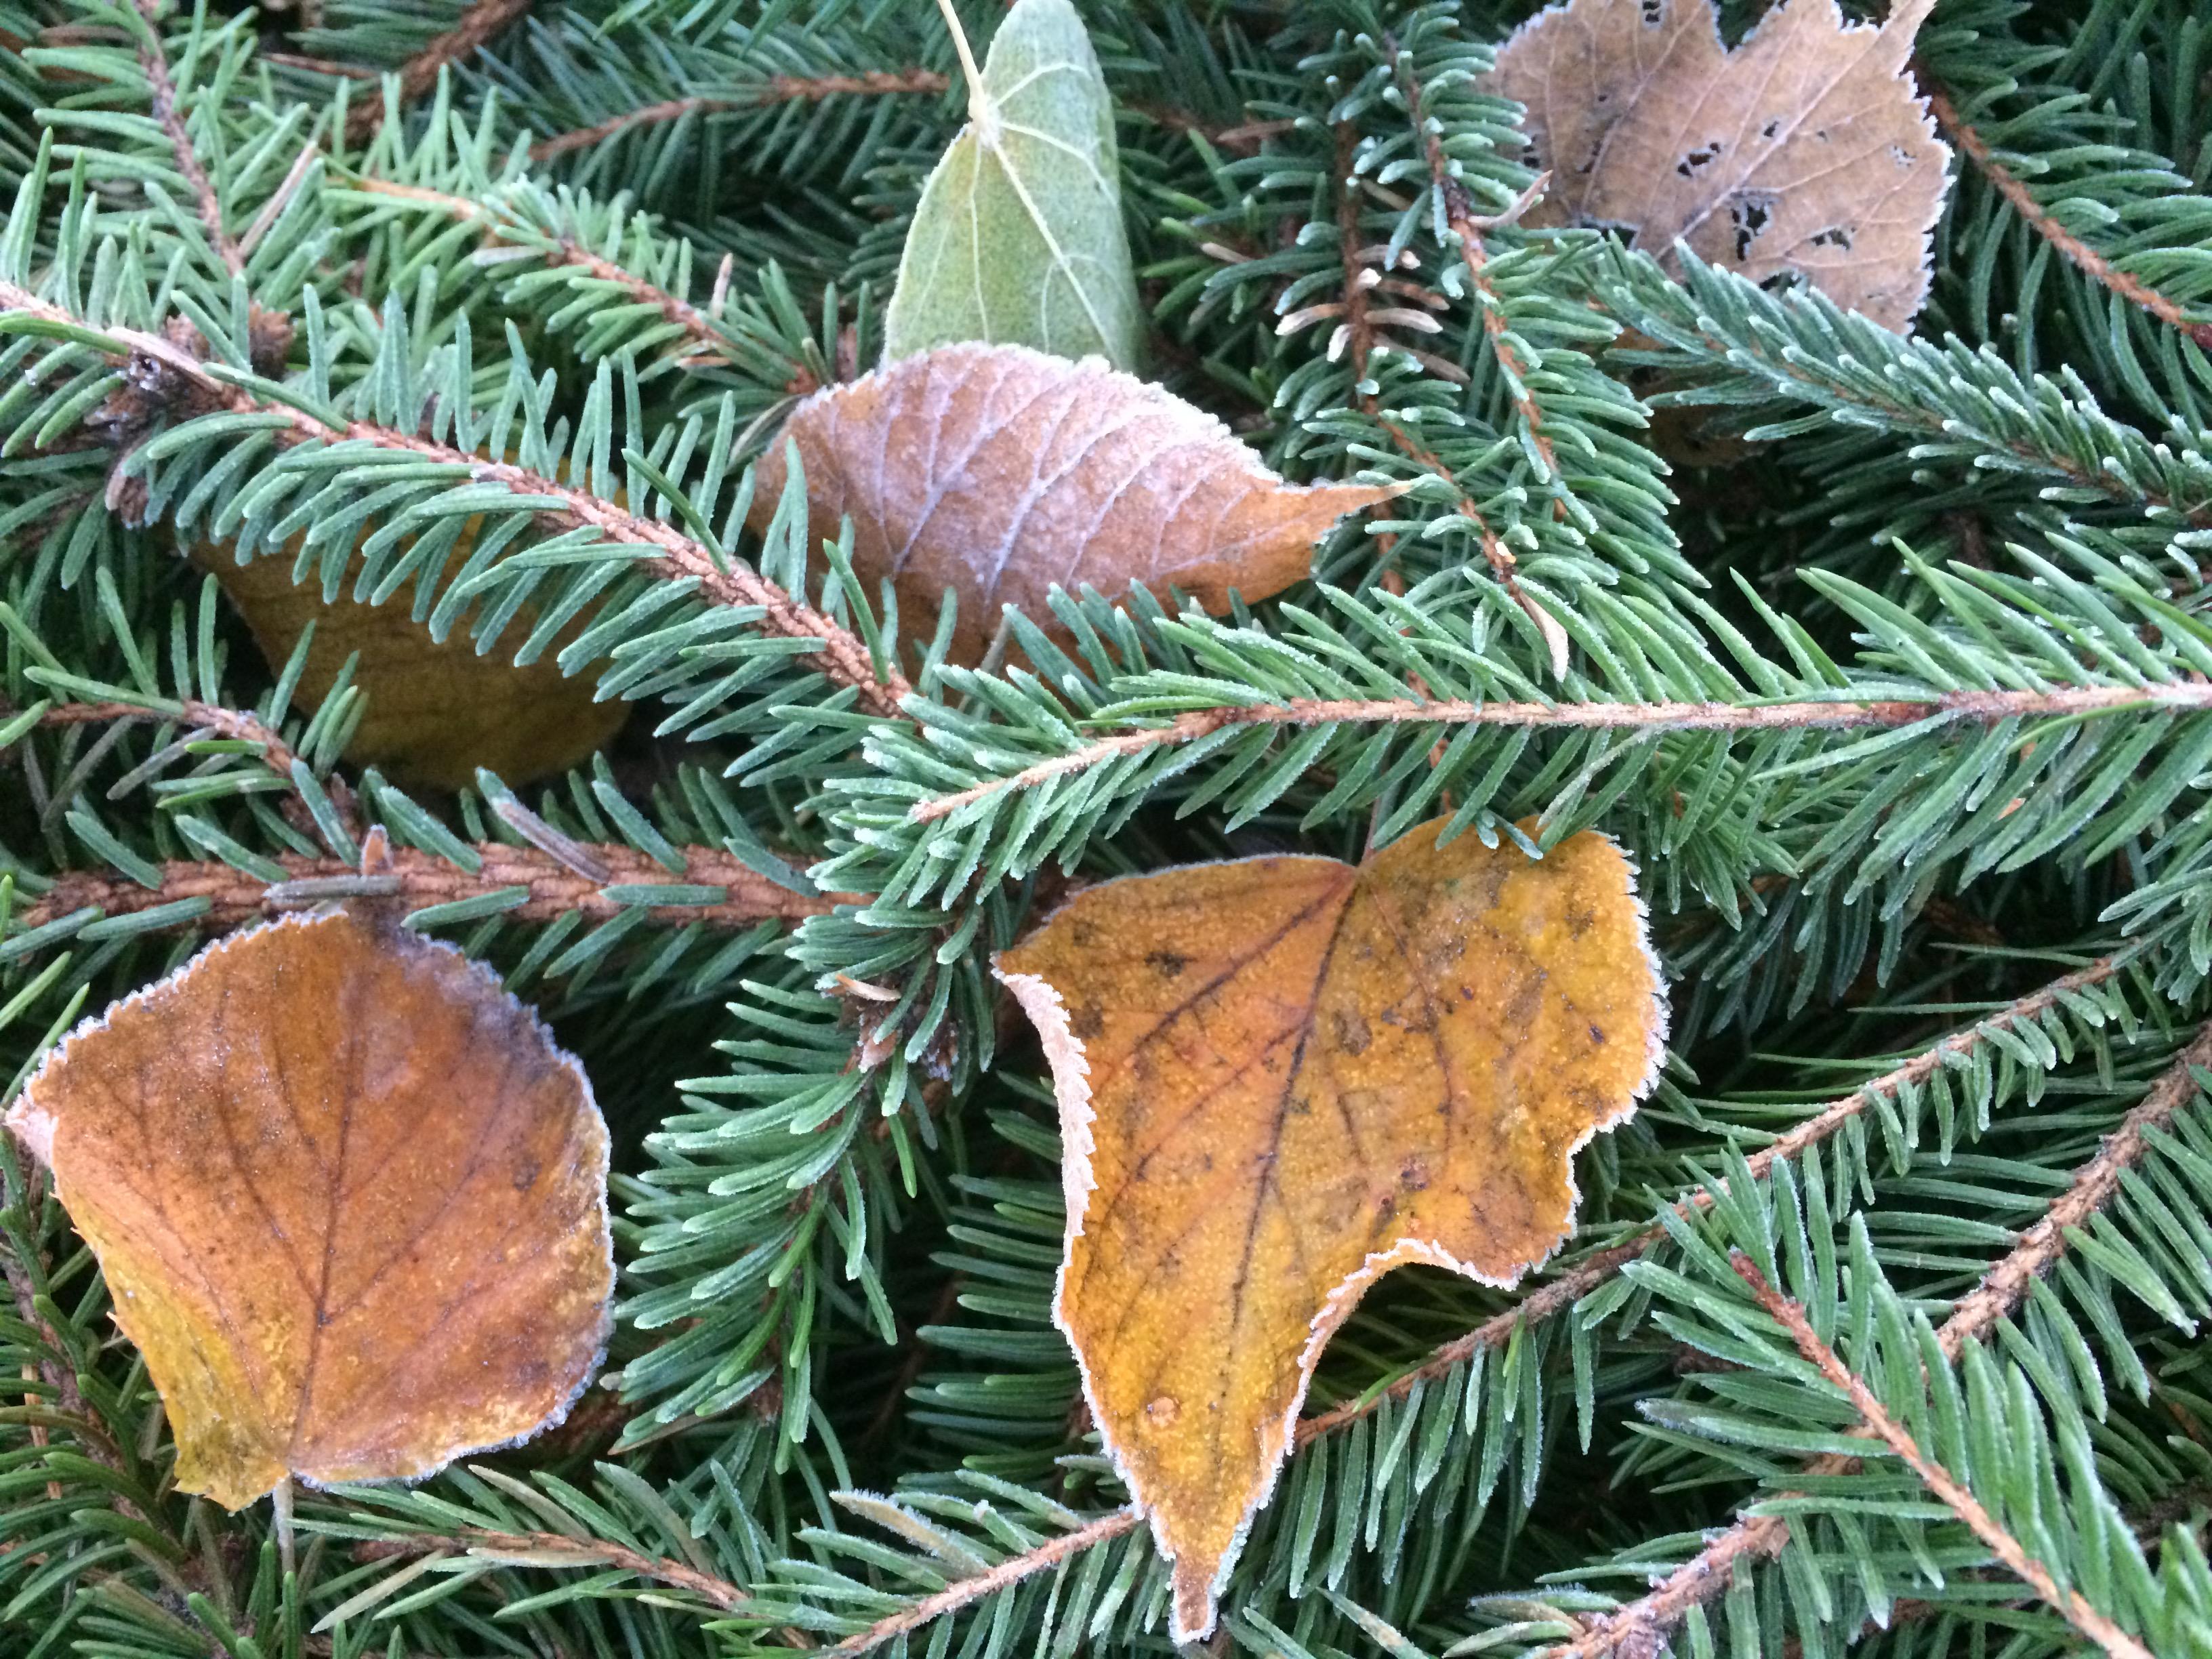 Att bli medveten om lyckan i det lilla, frost på ett löv.